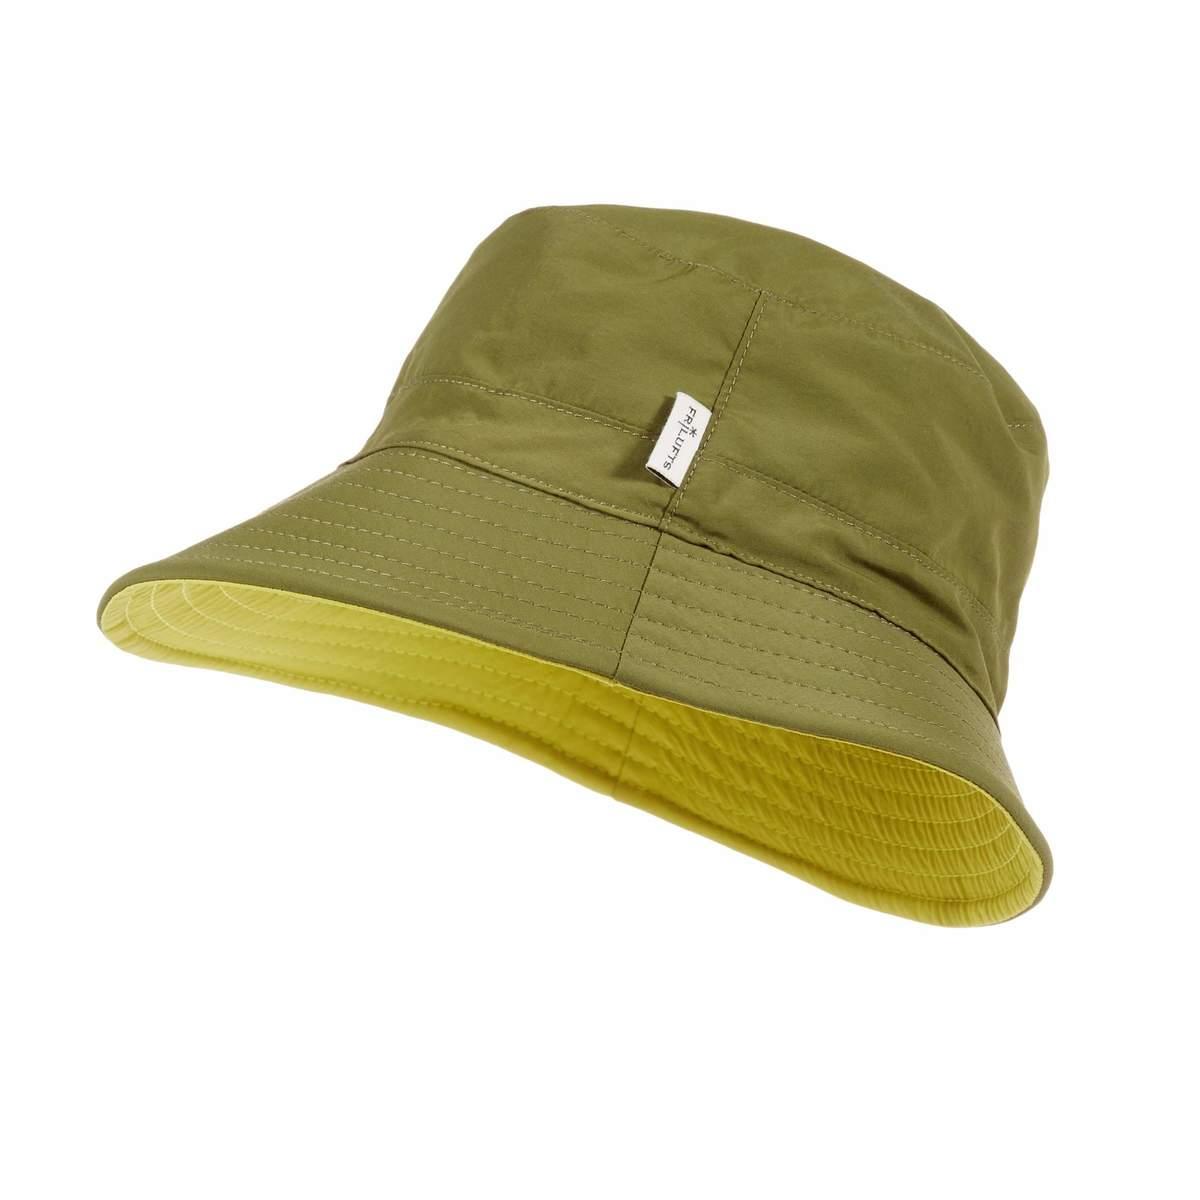 Bild 1 von FRILUFTS UTRIA HAT Kinder - Hut